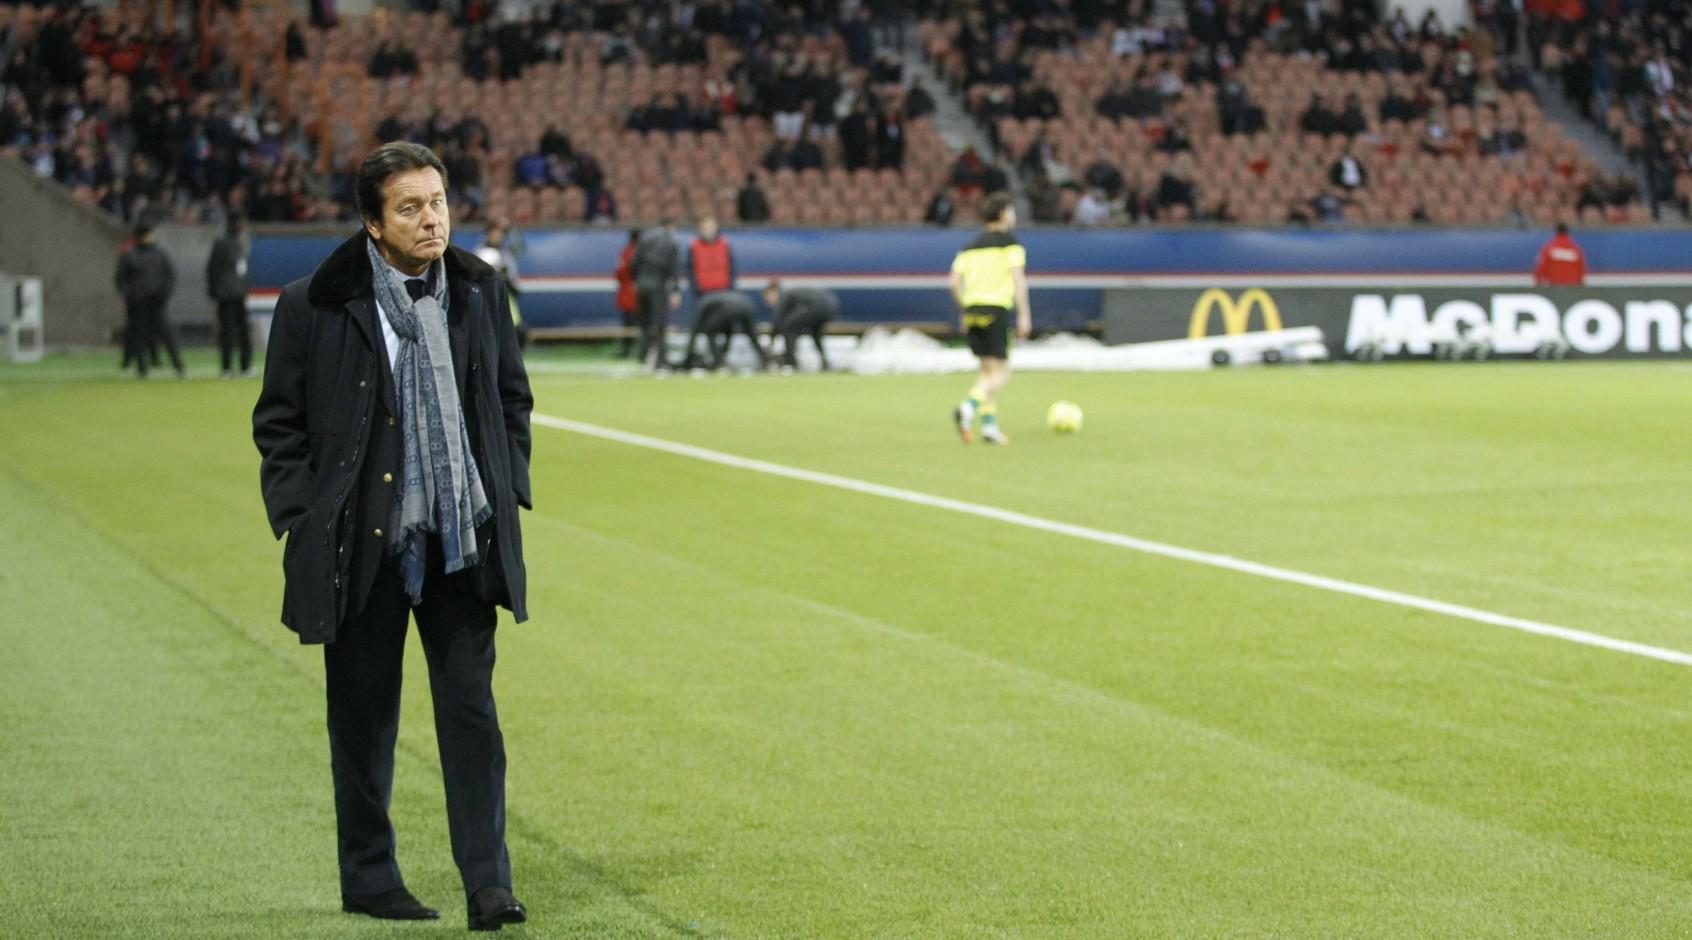 """Президент """"Нанта"""": """"Рабочий сейчас идет на работу, рискует за 1 200 евро - почему футболисты в своем """"пузыре""""?"""